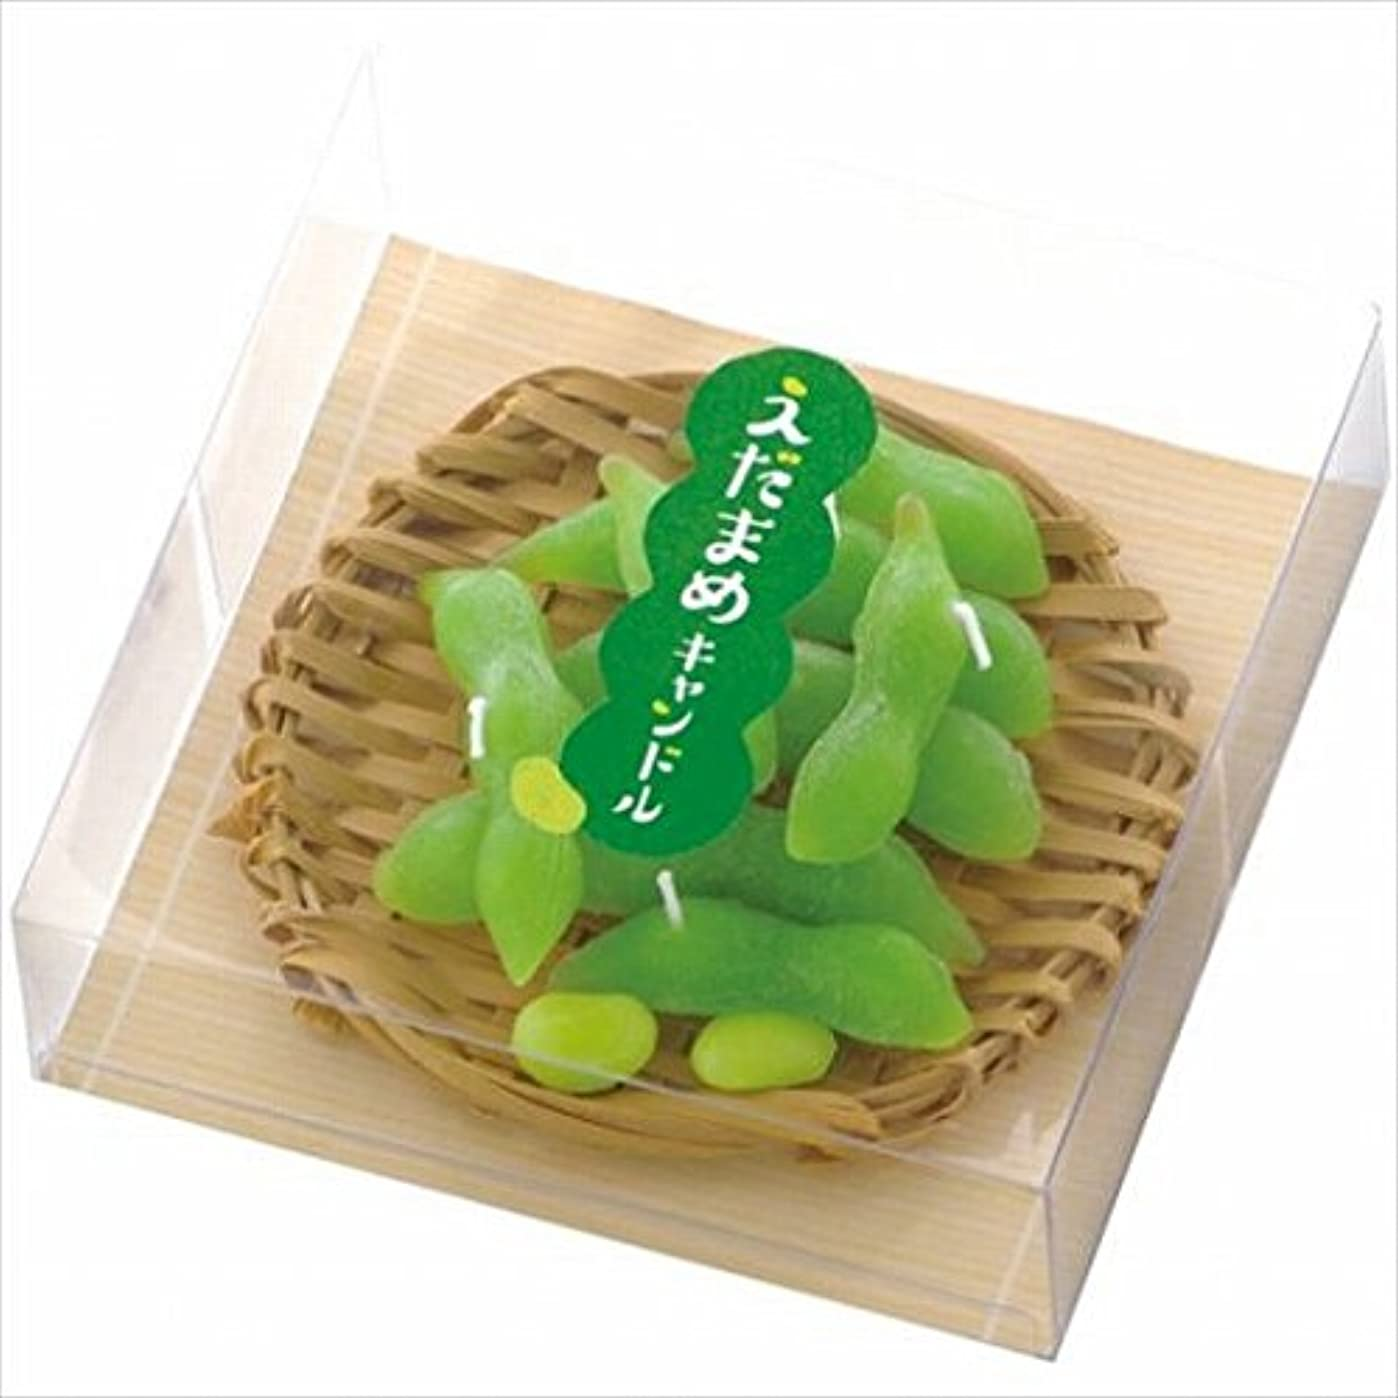 主にいいね動員するkameyama candle(カメヤマキャンドル) えだまめキャンドル(86990000)